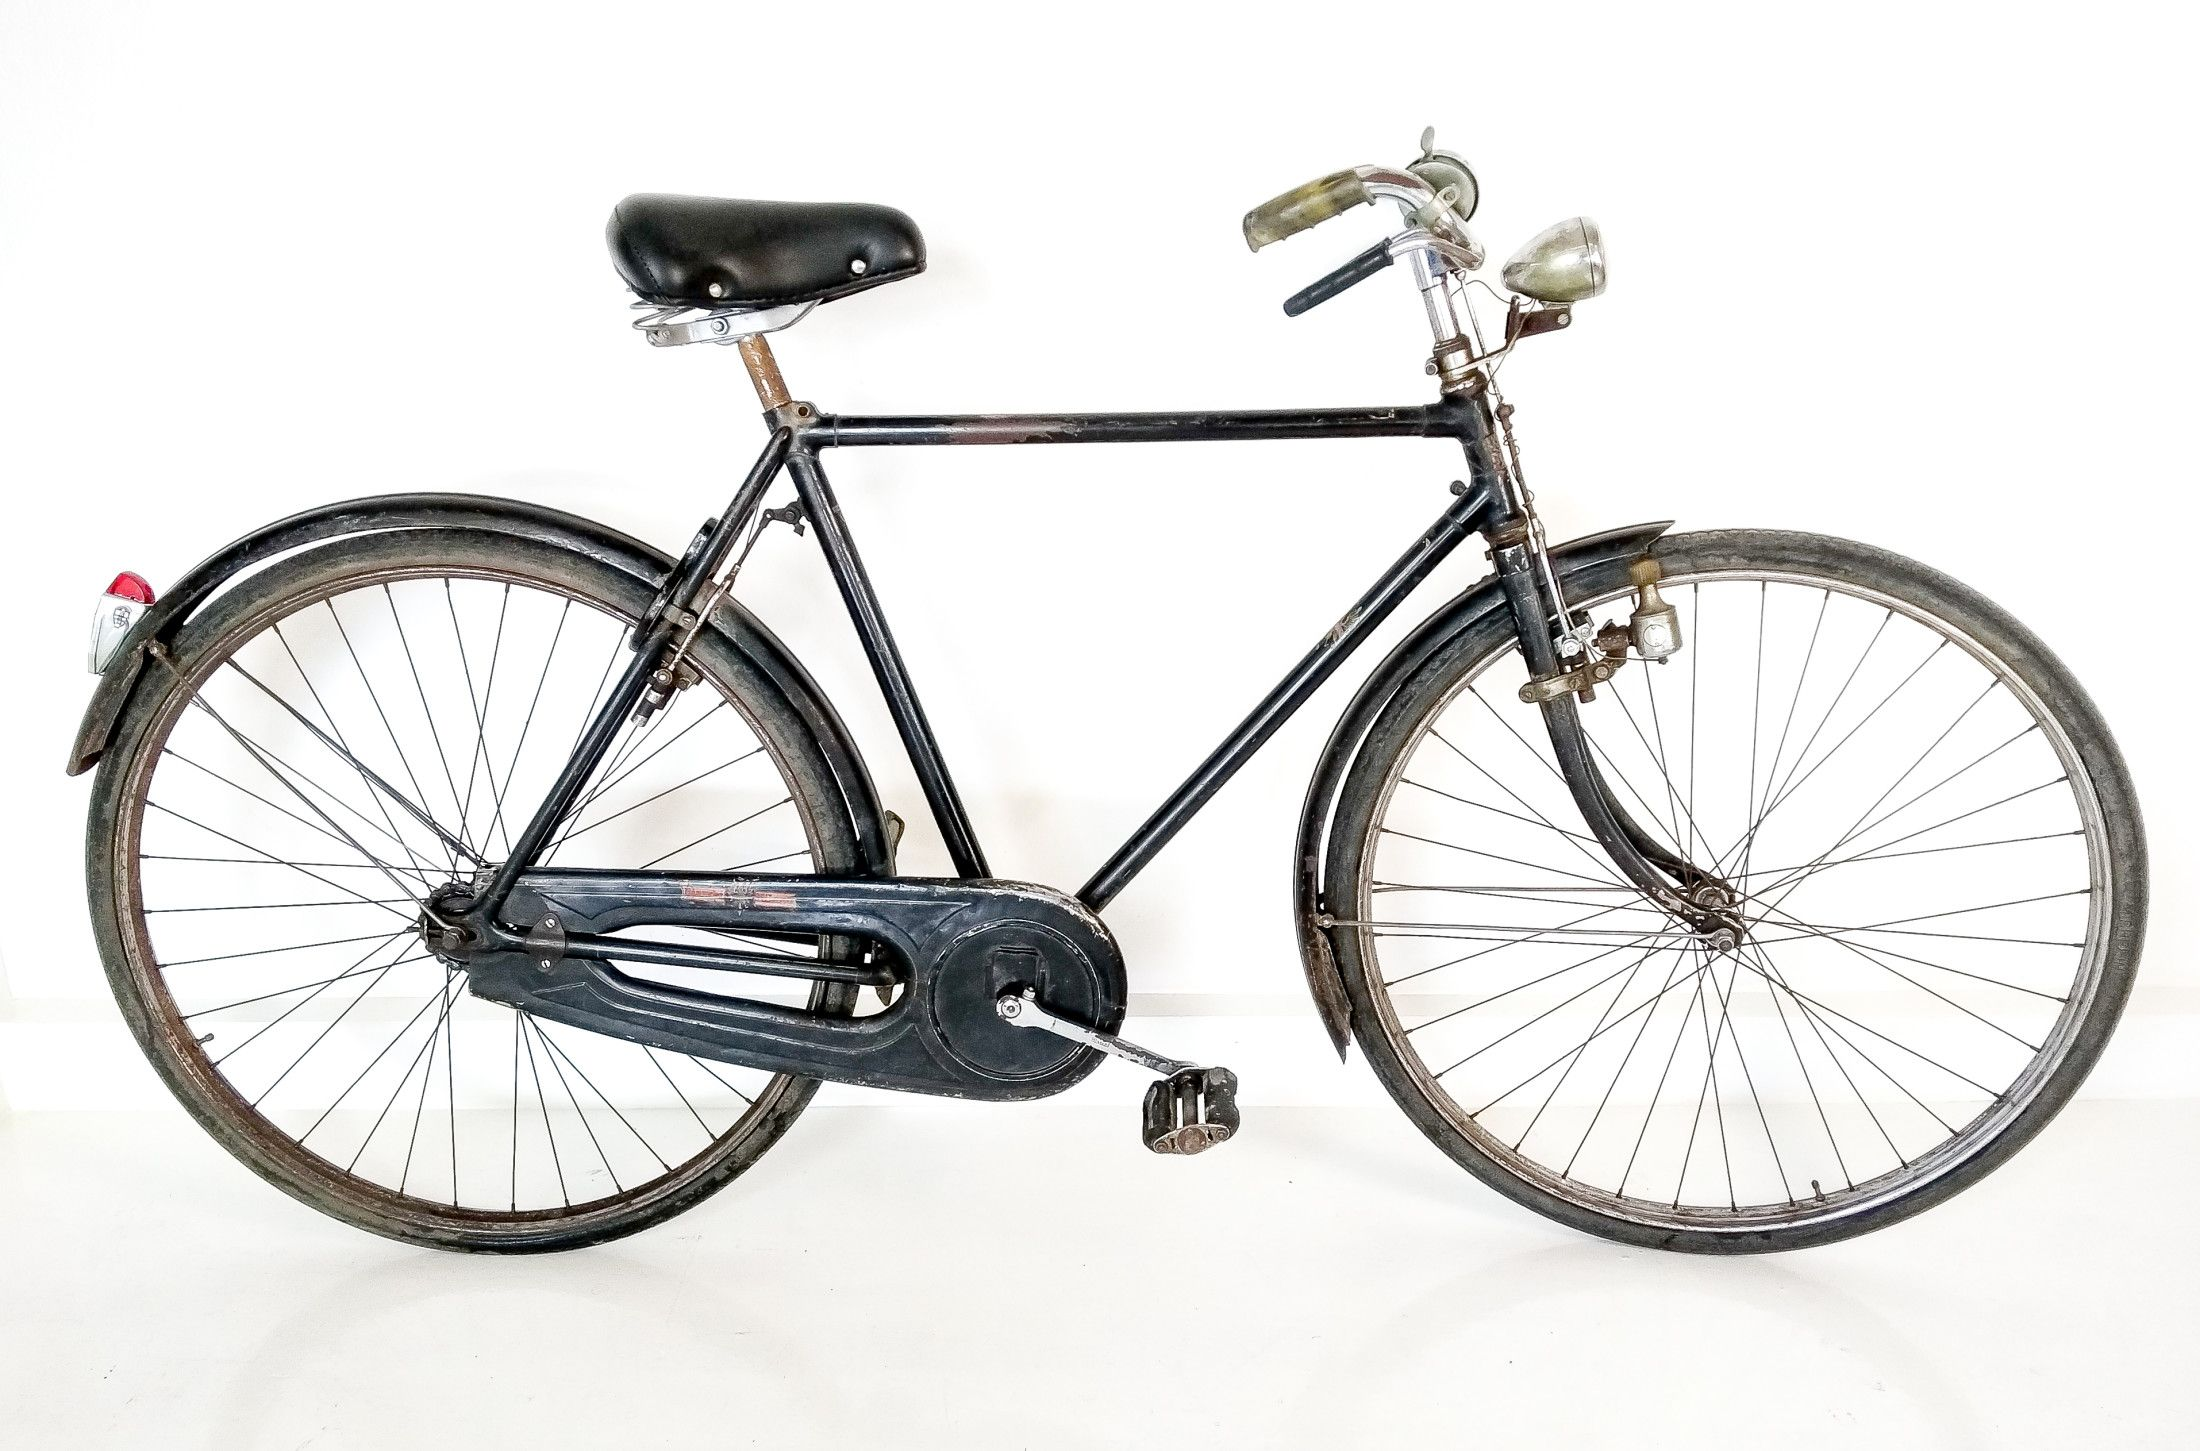 Bicicletta Depoca Edoardo Bianchi Freni A Bacchetta Numero Di